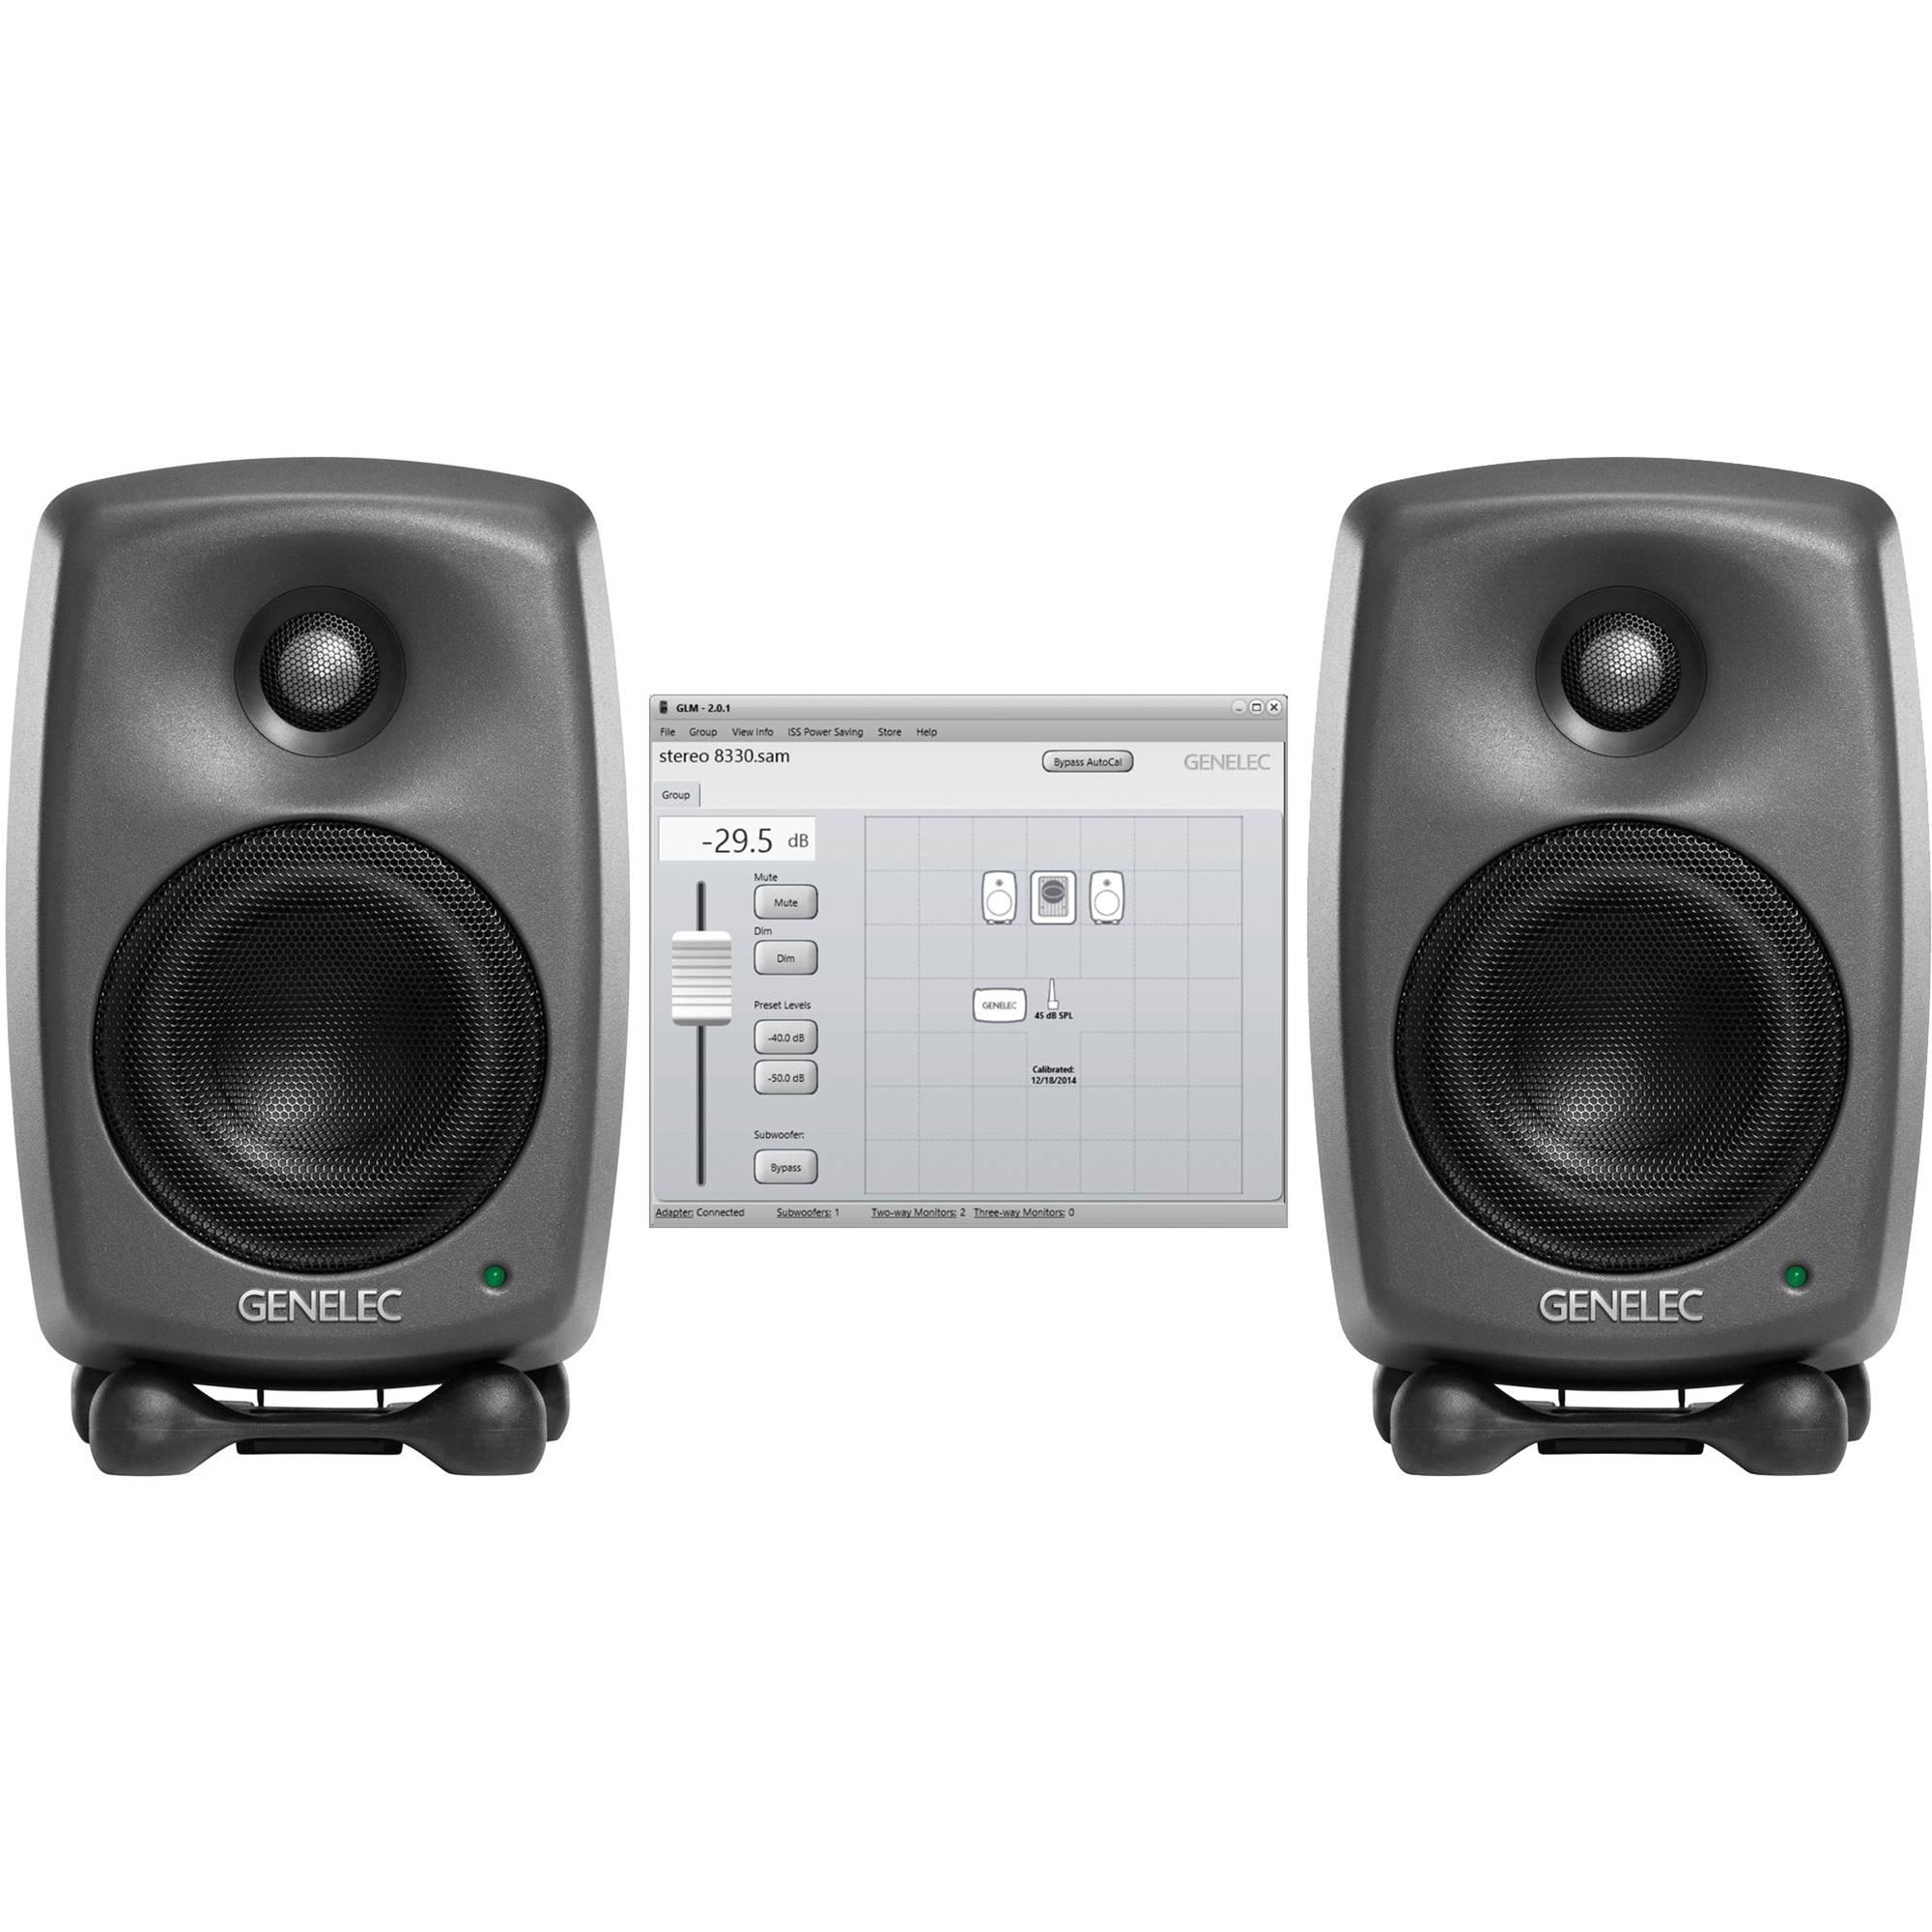 genelec two 8320a studio monitors glm v2 0 8320 stereo sam. Black Bedroom Furniture Sets. Home Design Ideas